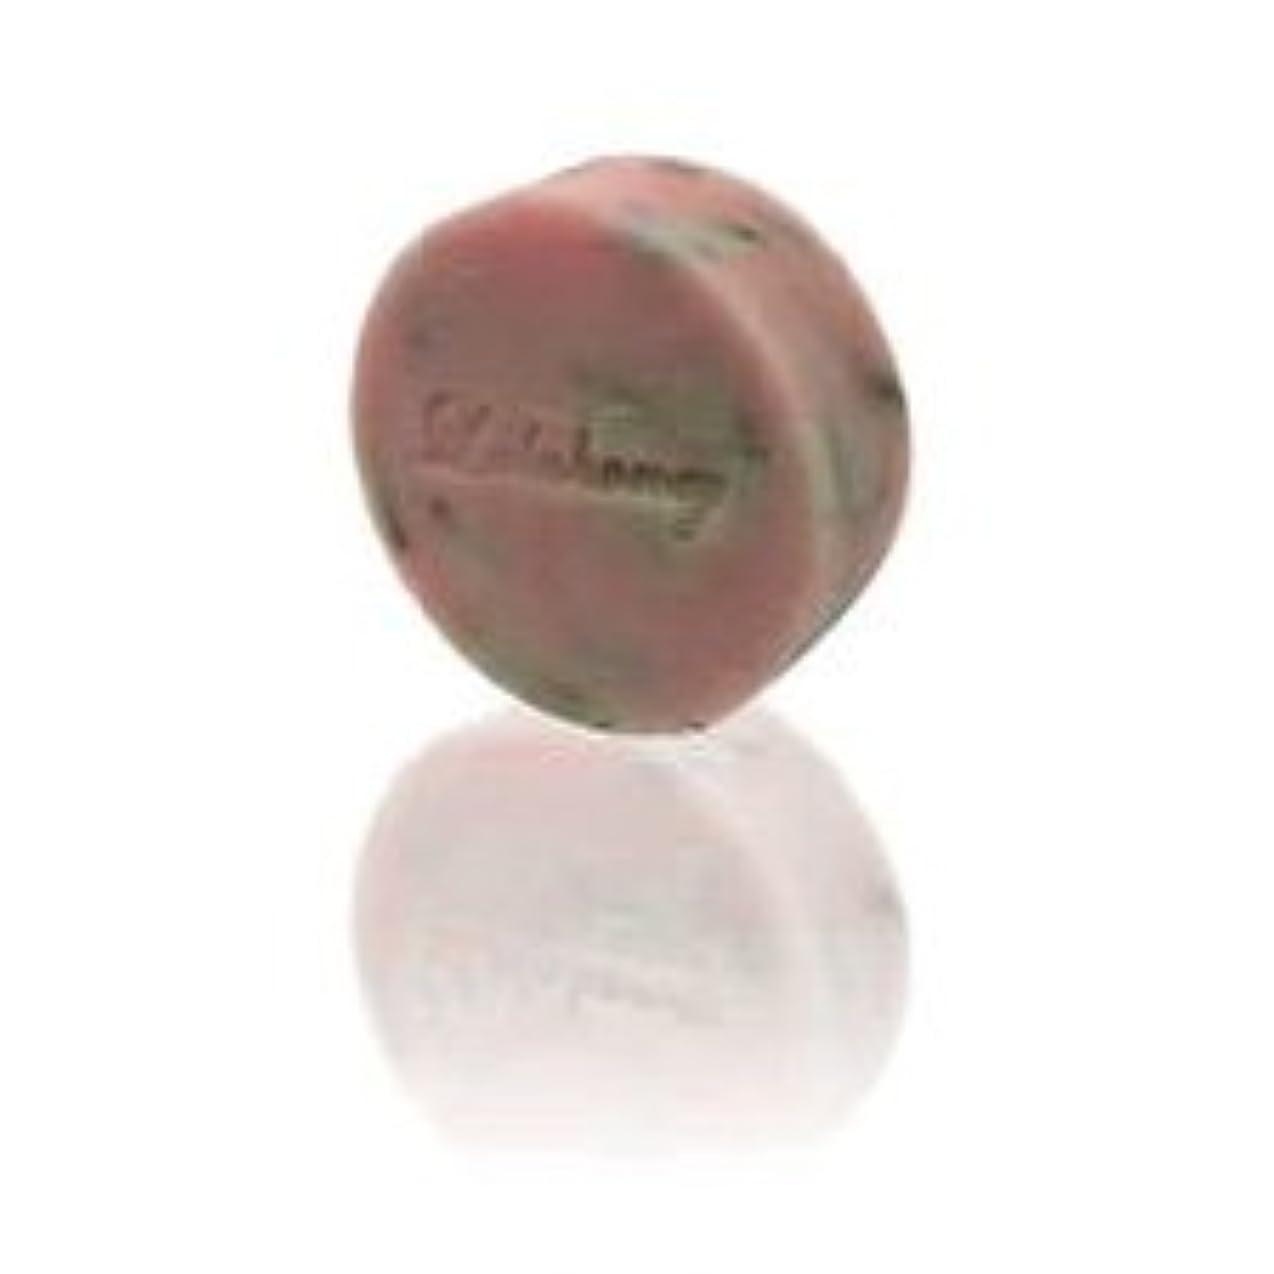 コンパイル壮大な火薬LALAHONEY 石鹸〈ピンクフラワーの香り〉40g【手作りでシンプルなコールドプロセス製法】